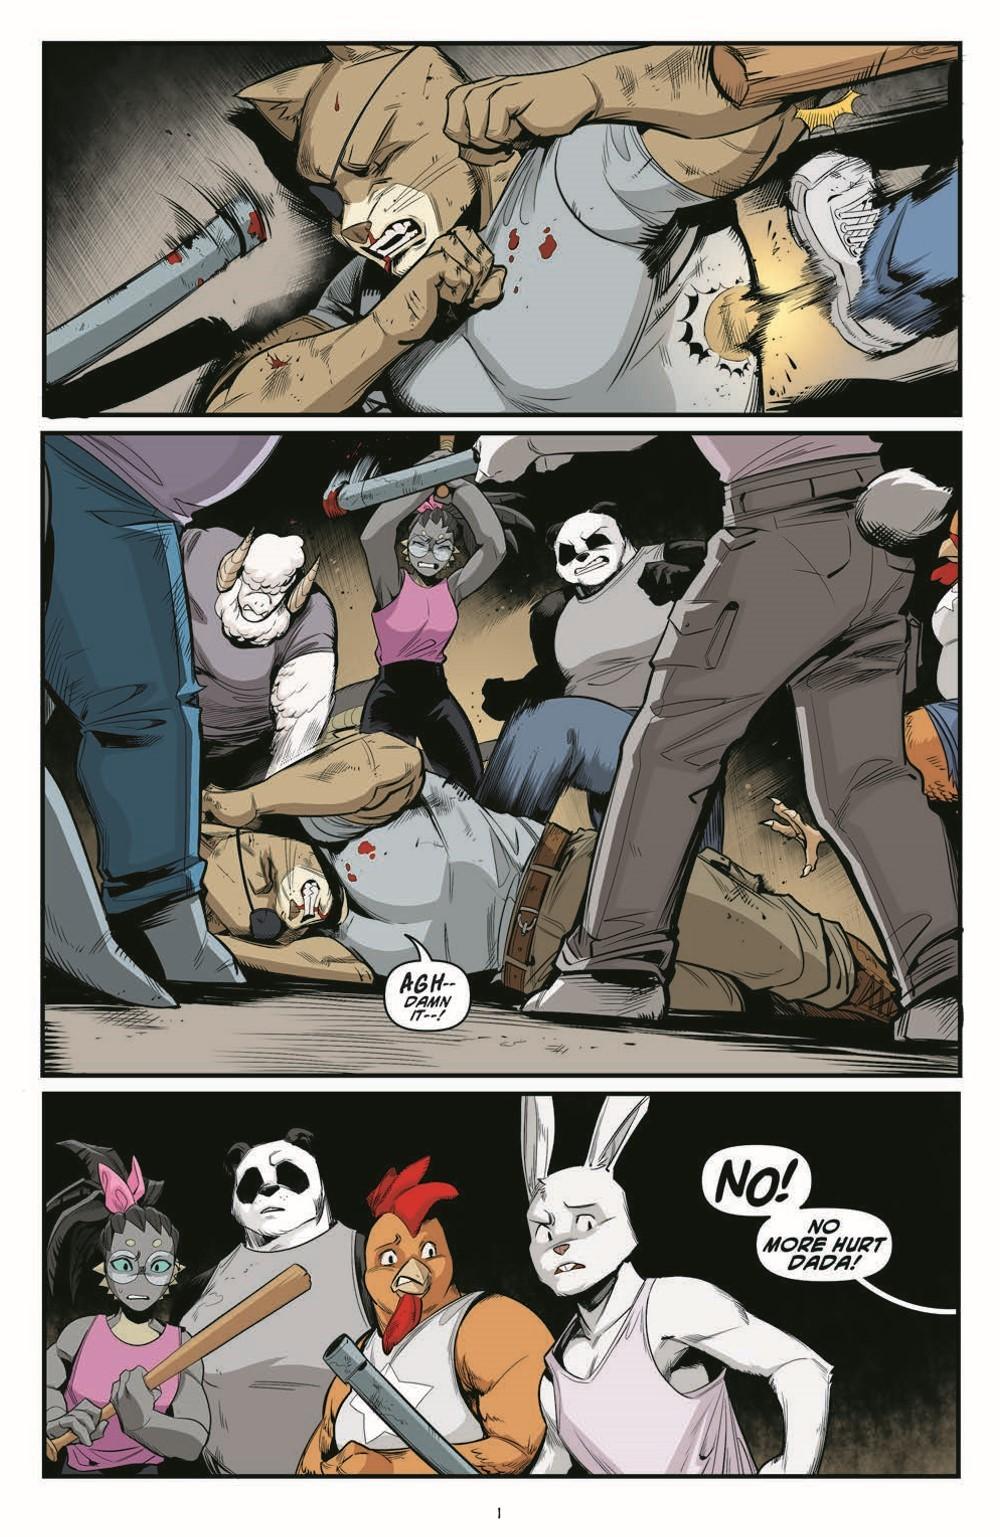 TMNT121_pr-3 ComicList Previews: TEENAGE MUTANT NINJA TURTLES #121